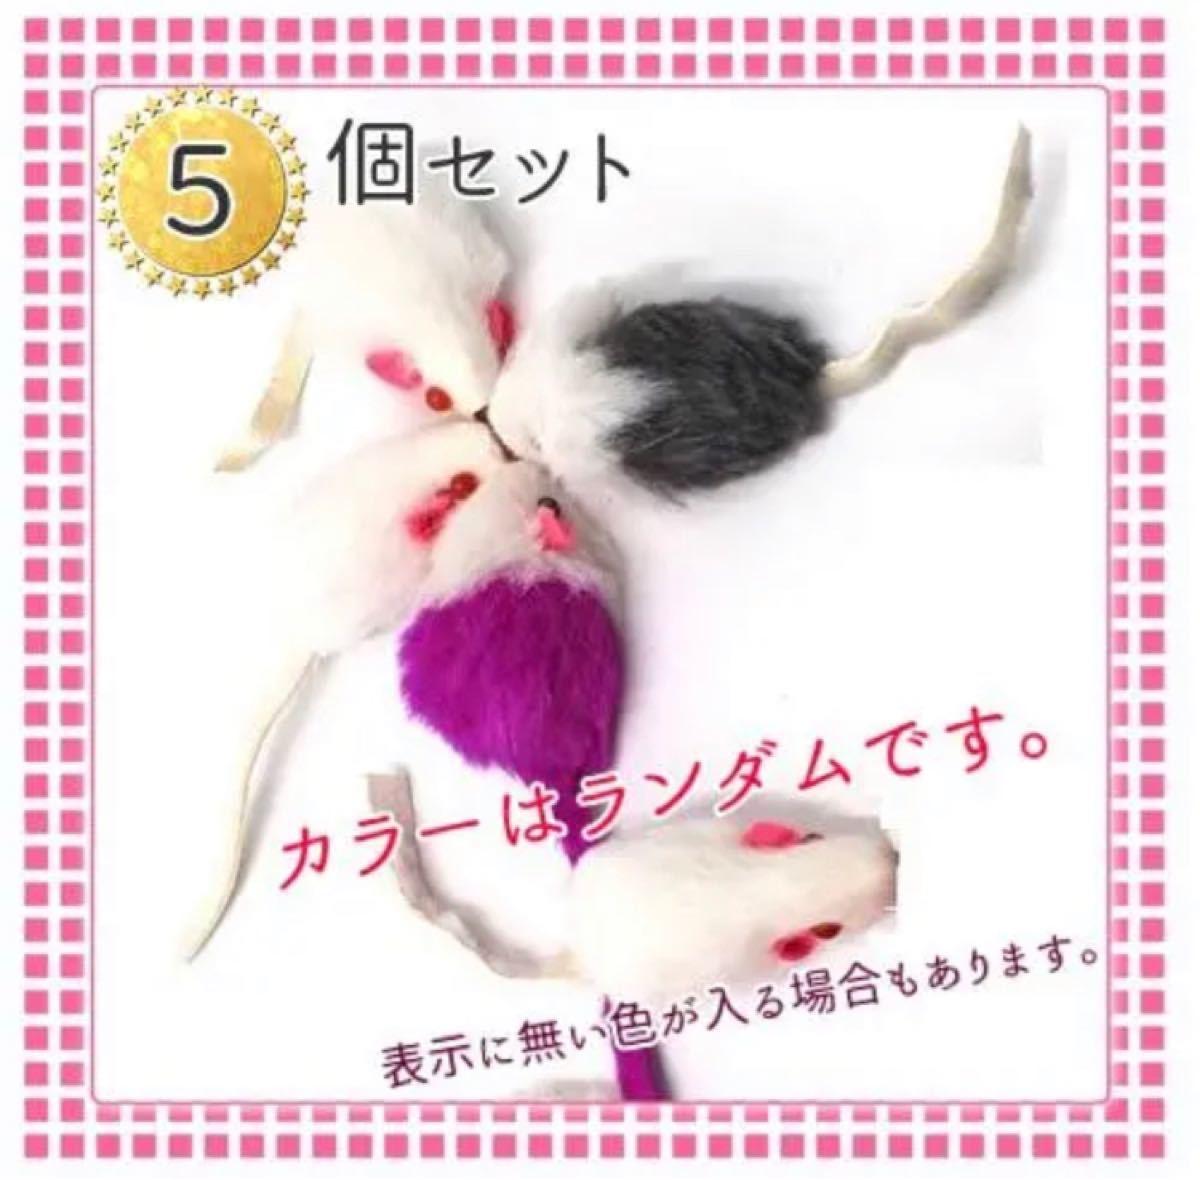 ねずみタイプ おもちゃ ★ 皮 カラフル 5匹セット